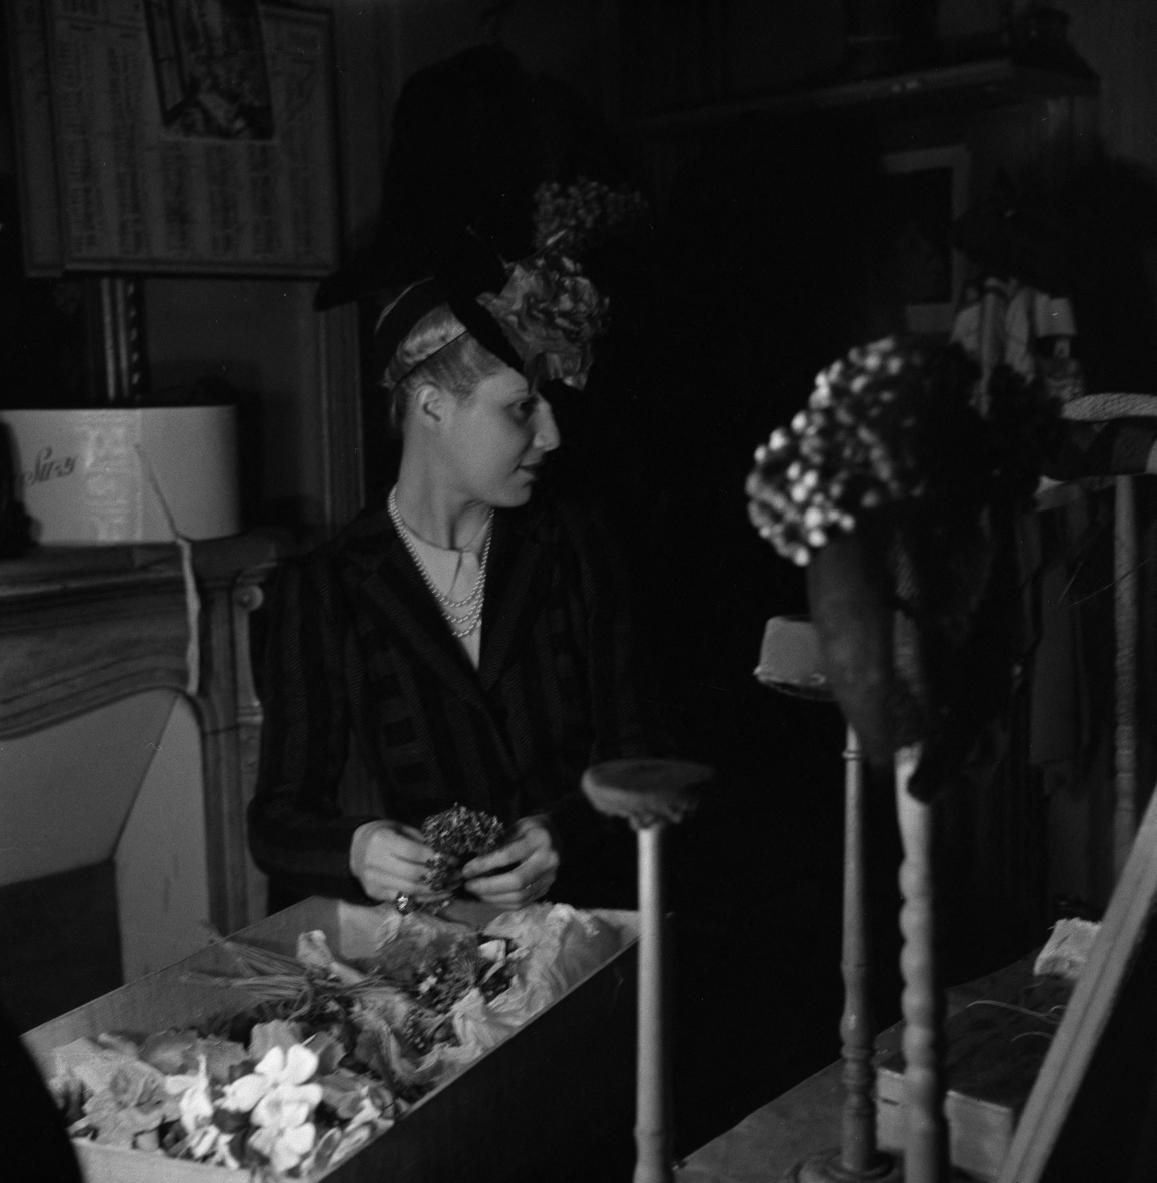 01. Сьюзи, Рю-де-ля-Пэ.  Создание коллекции шляп